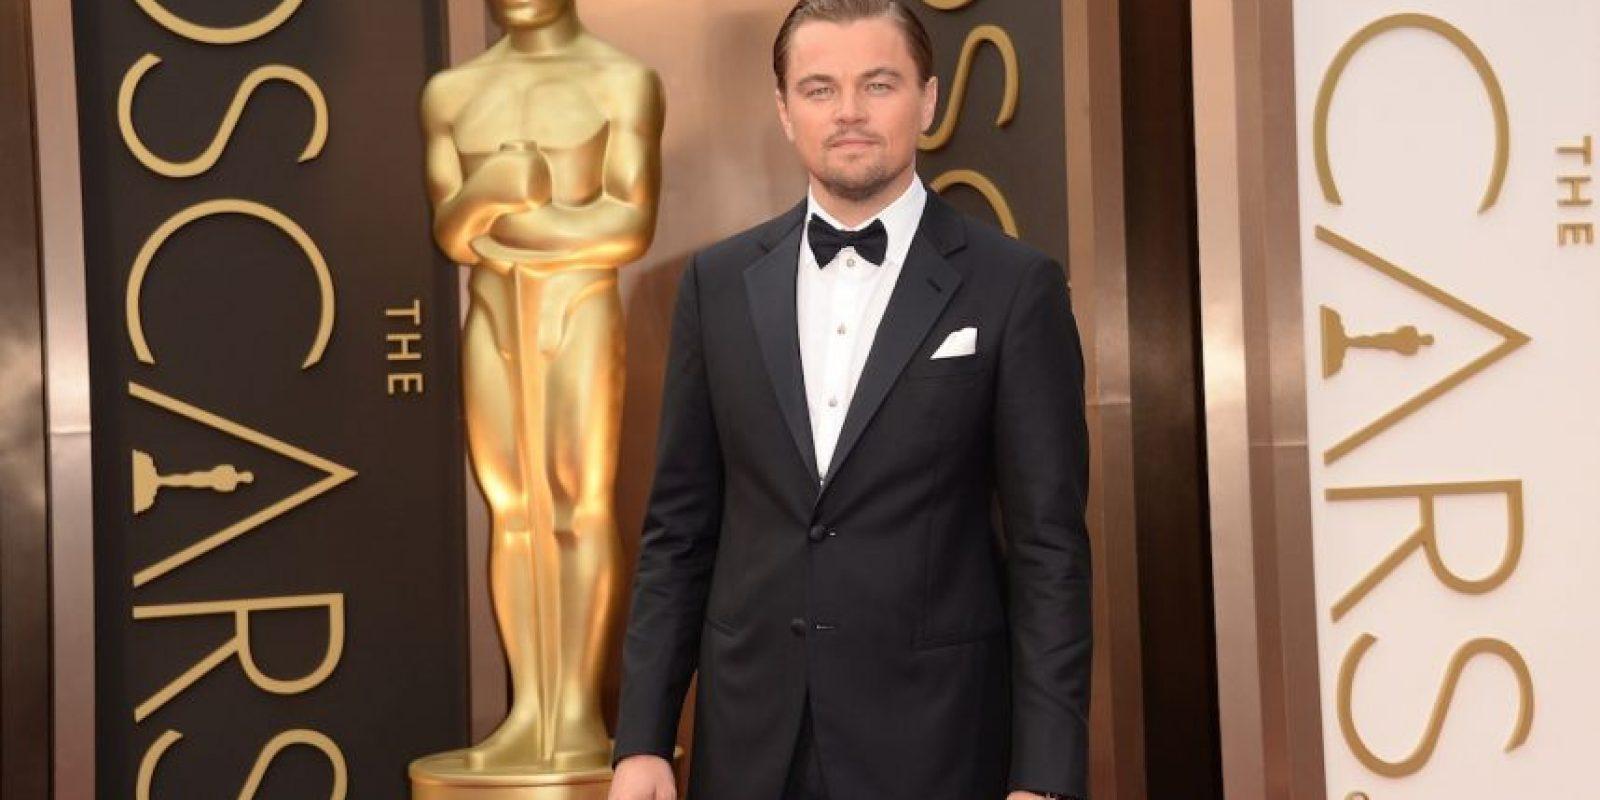 """Es dueño de un Globo de Oro y también es reconocido por ser """"el eterno nominado de los premios Oscar"""". Foto:Getty Images"""